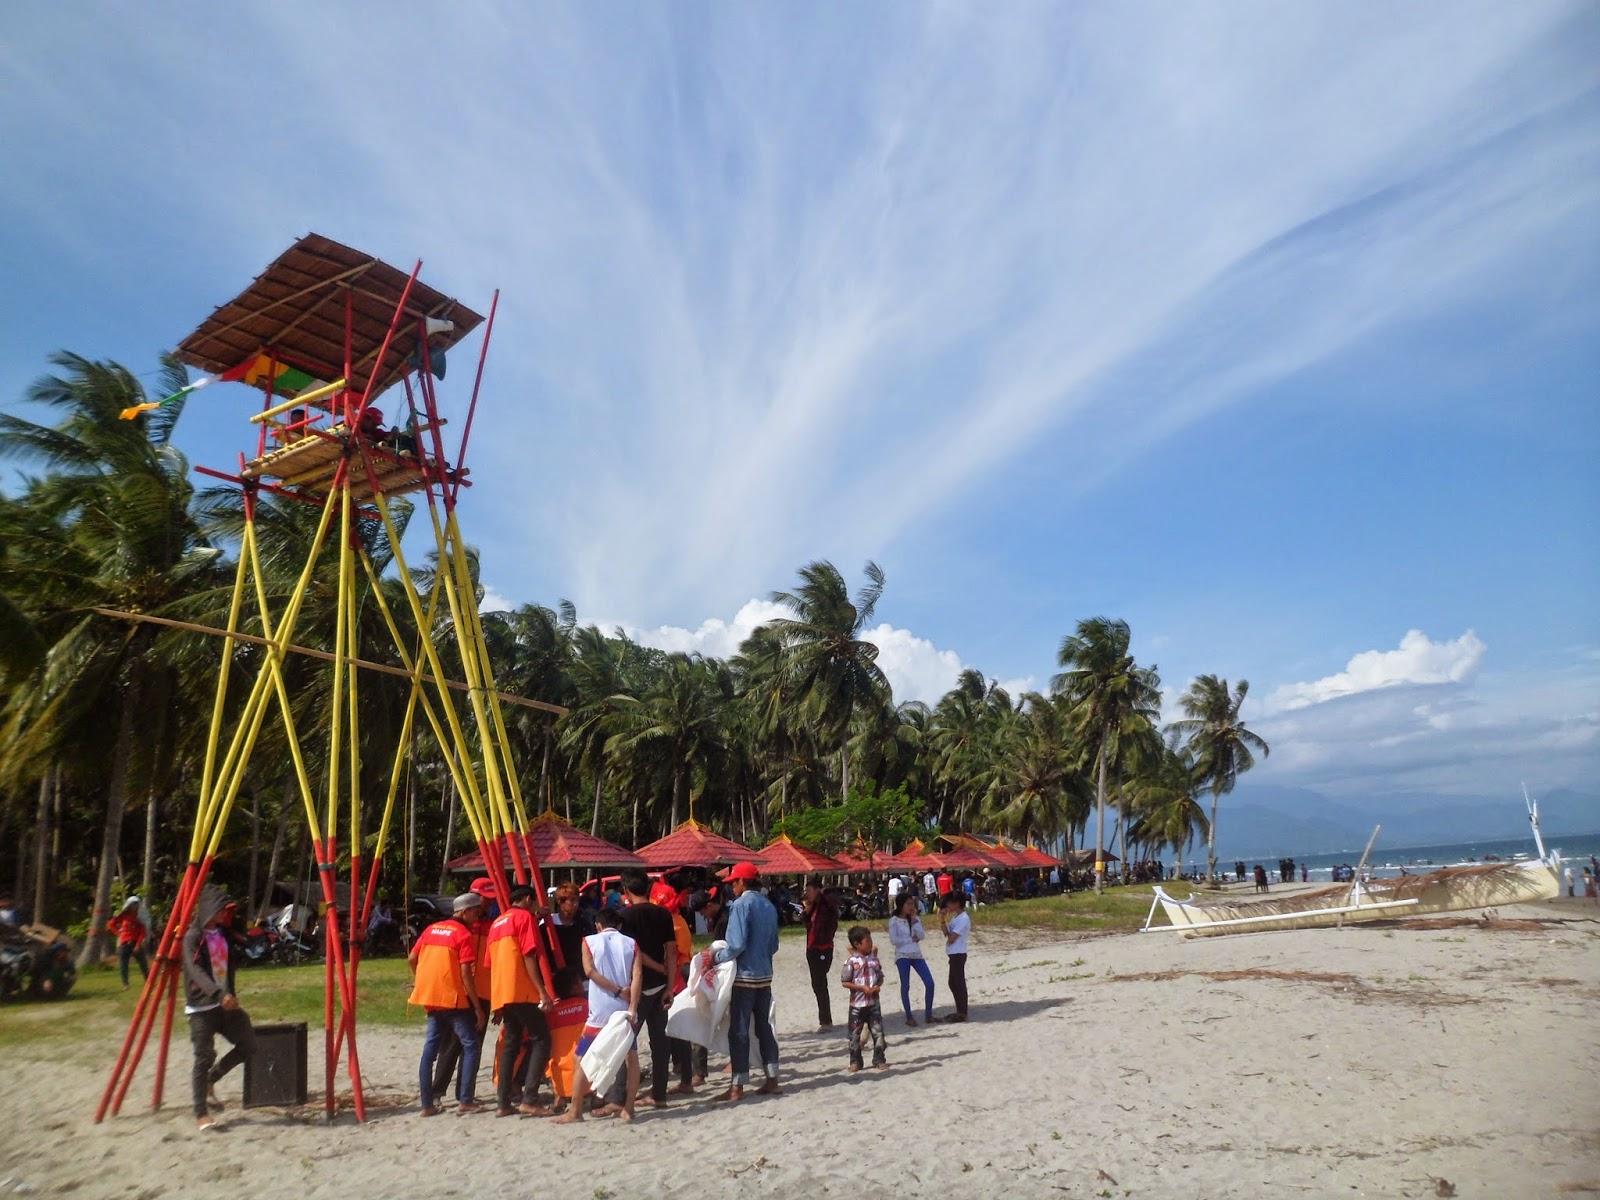 Sejarah Singkat Pantai Mampie Kab Polewali Mandar